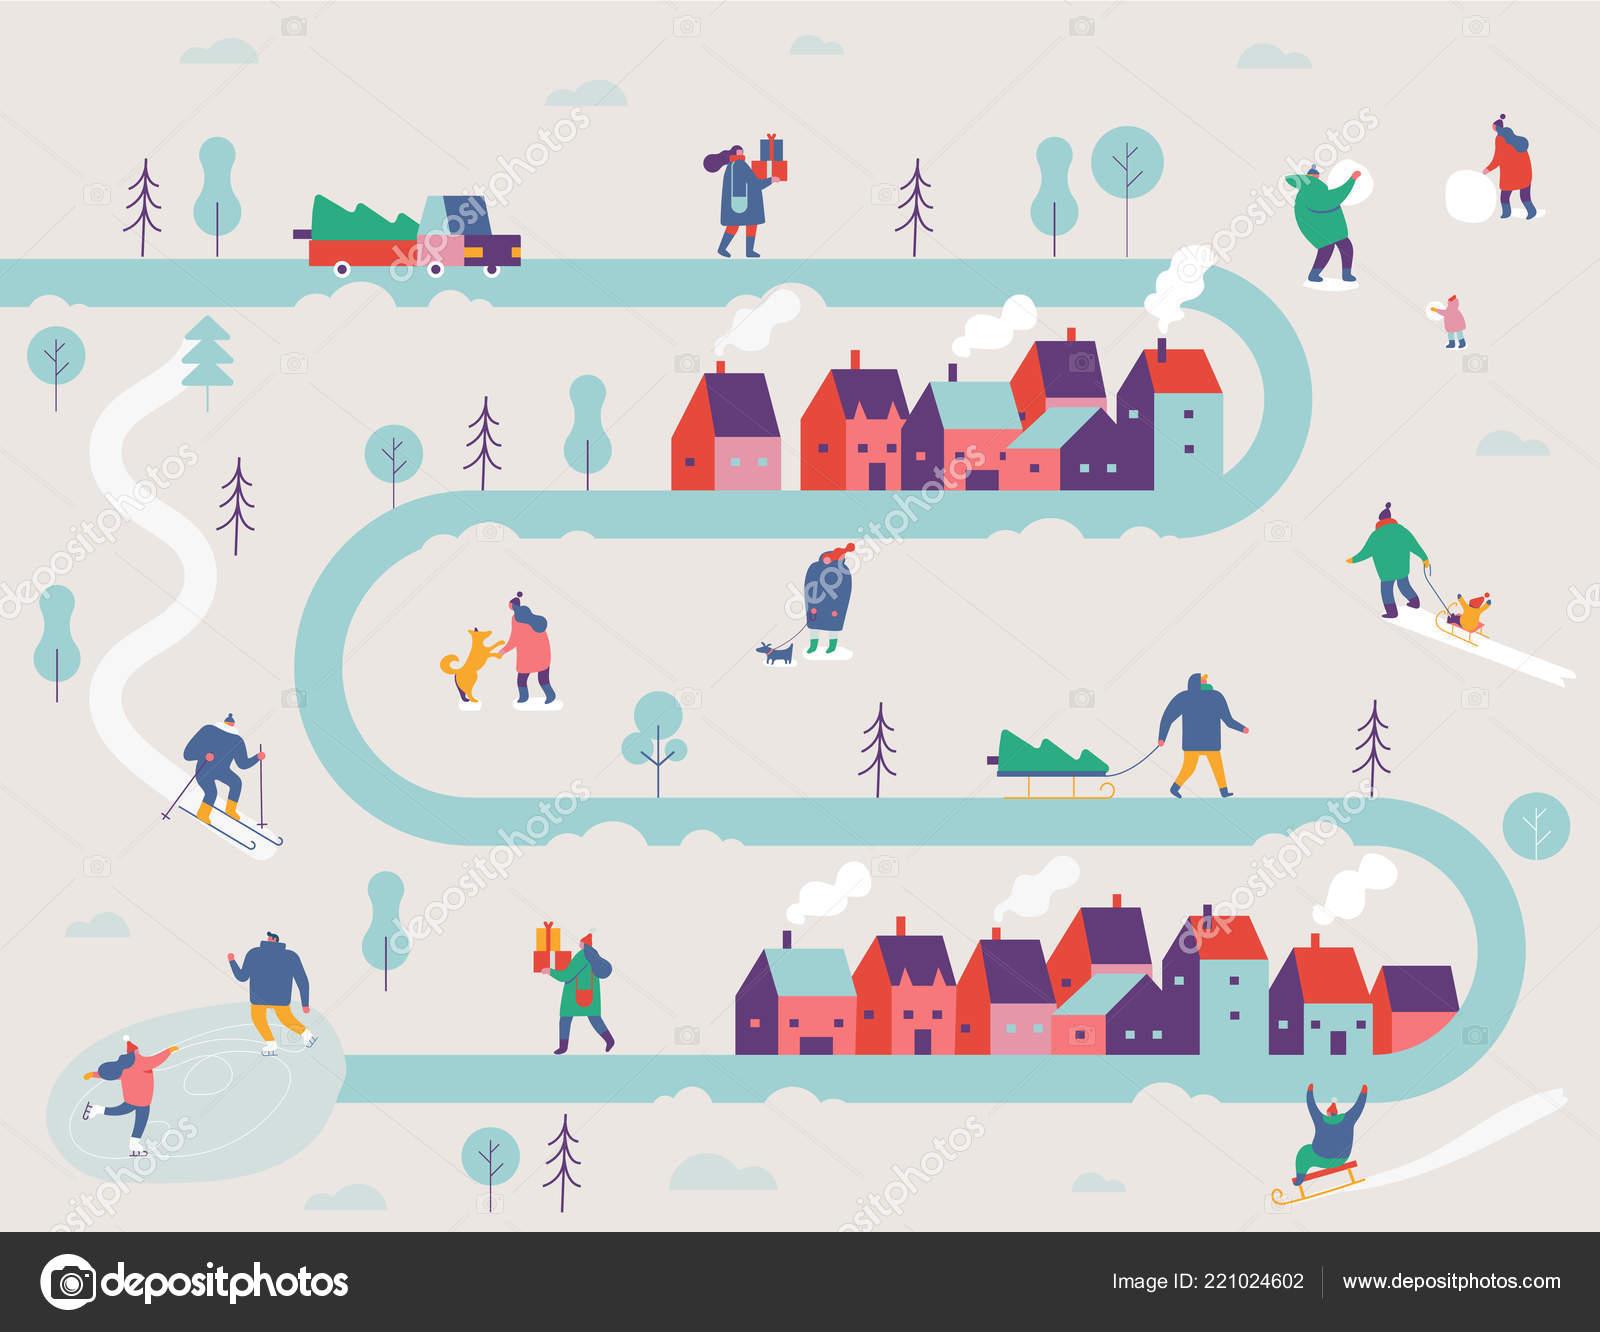 Winter Outdoor Activities Snowy City Background People